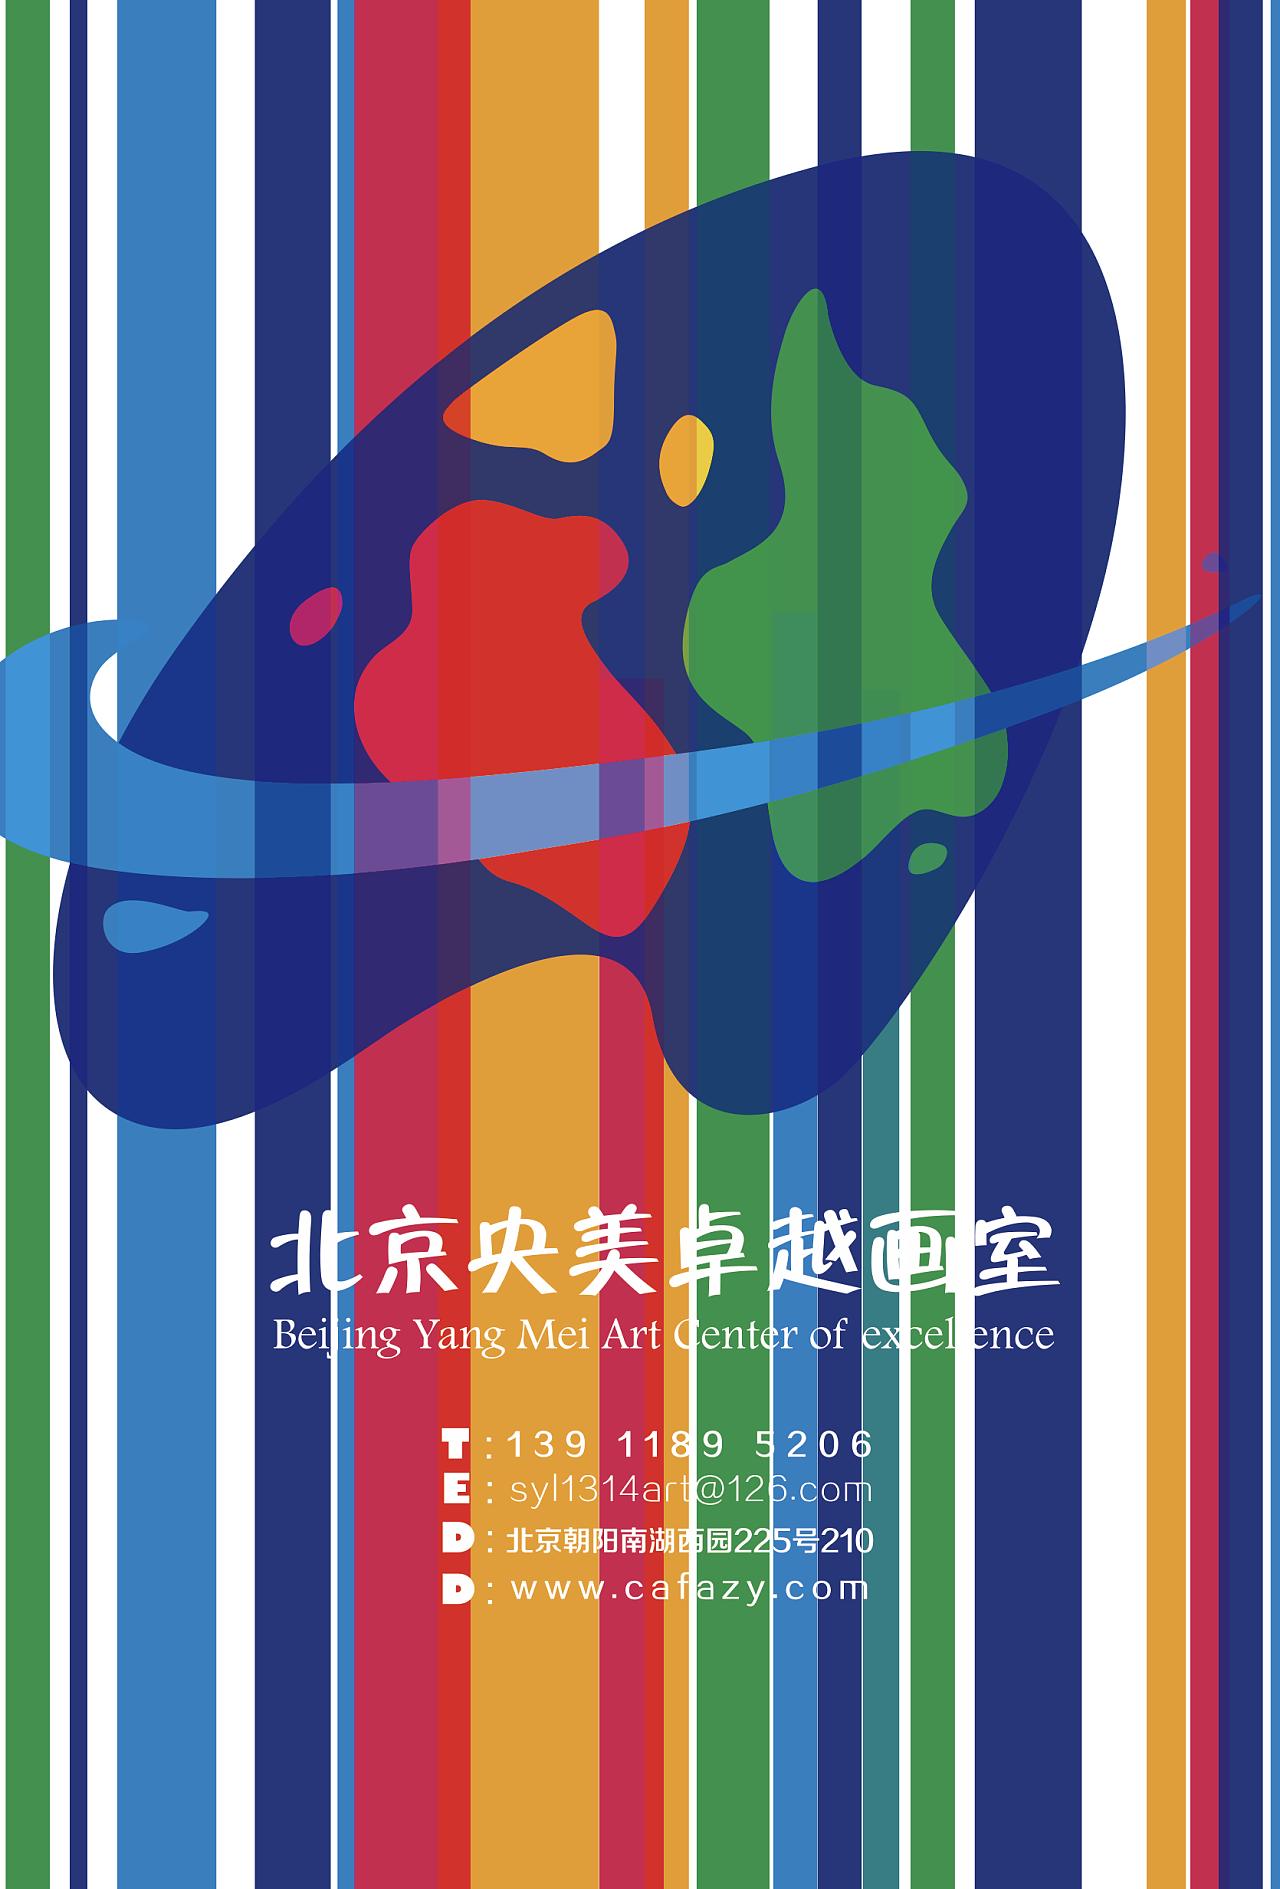 央美卓越画室logo设计及海报招贴图片